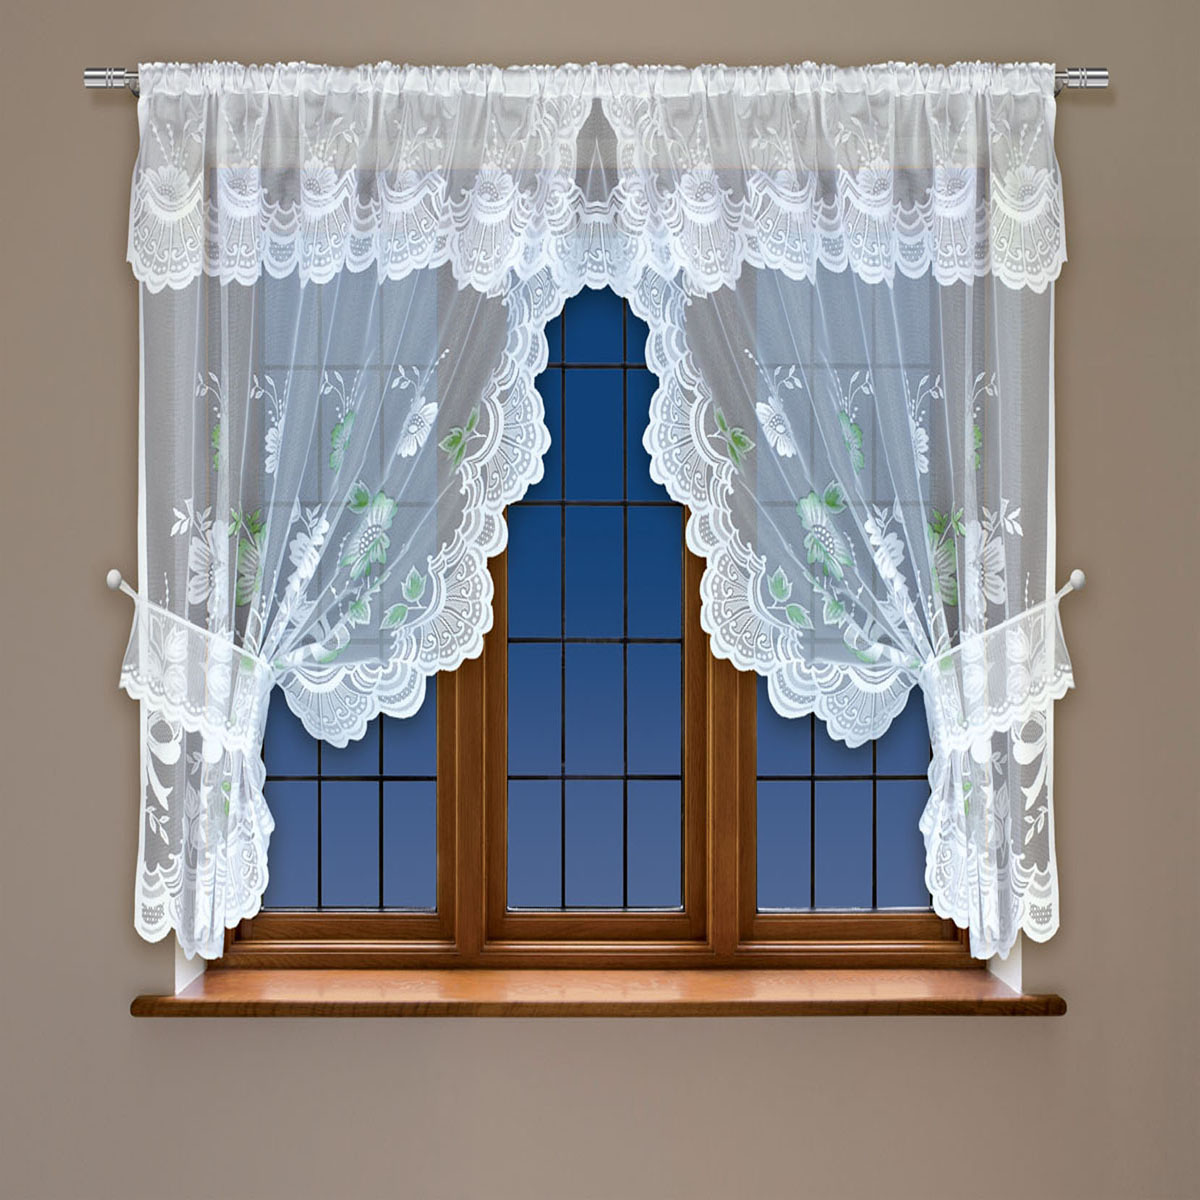 Гардина Haft, на кулиске, цвет: белый, высота 91 см. 202561StormВоздушная гардина Haft, выполненная из полиэстера, великолепно украсит любое окно.Изделие имеет оригинальный дизайн и органично впишется в интерьер помещения.Гардина крепится на карниз при помощи кулиски.